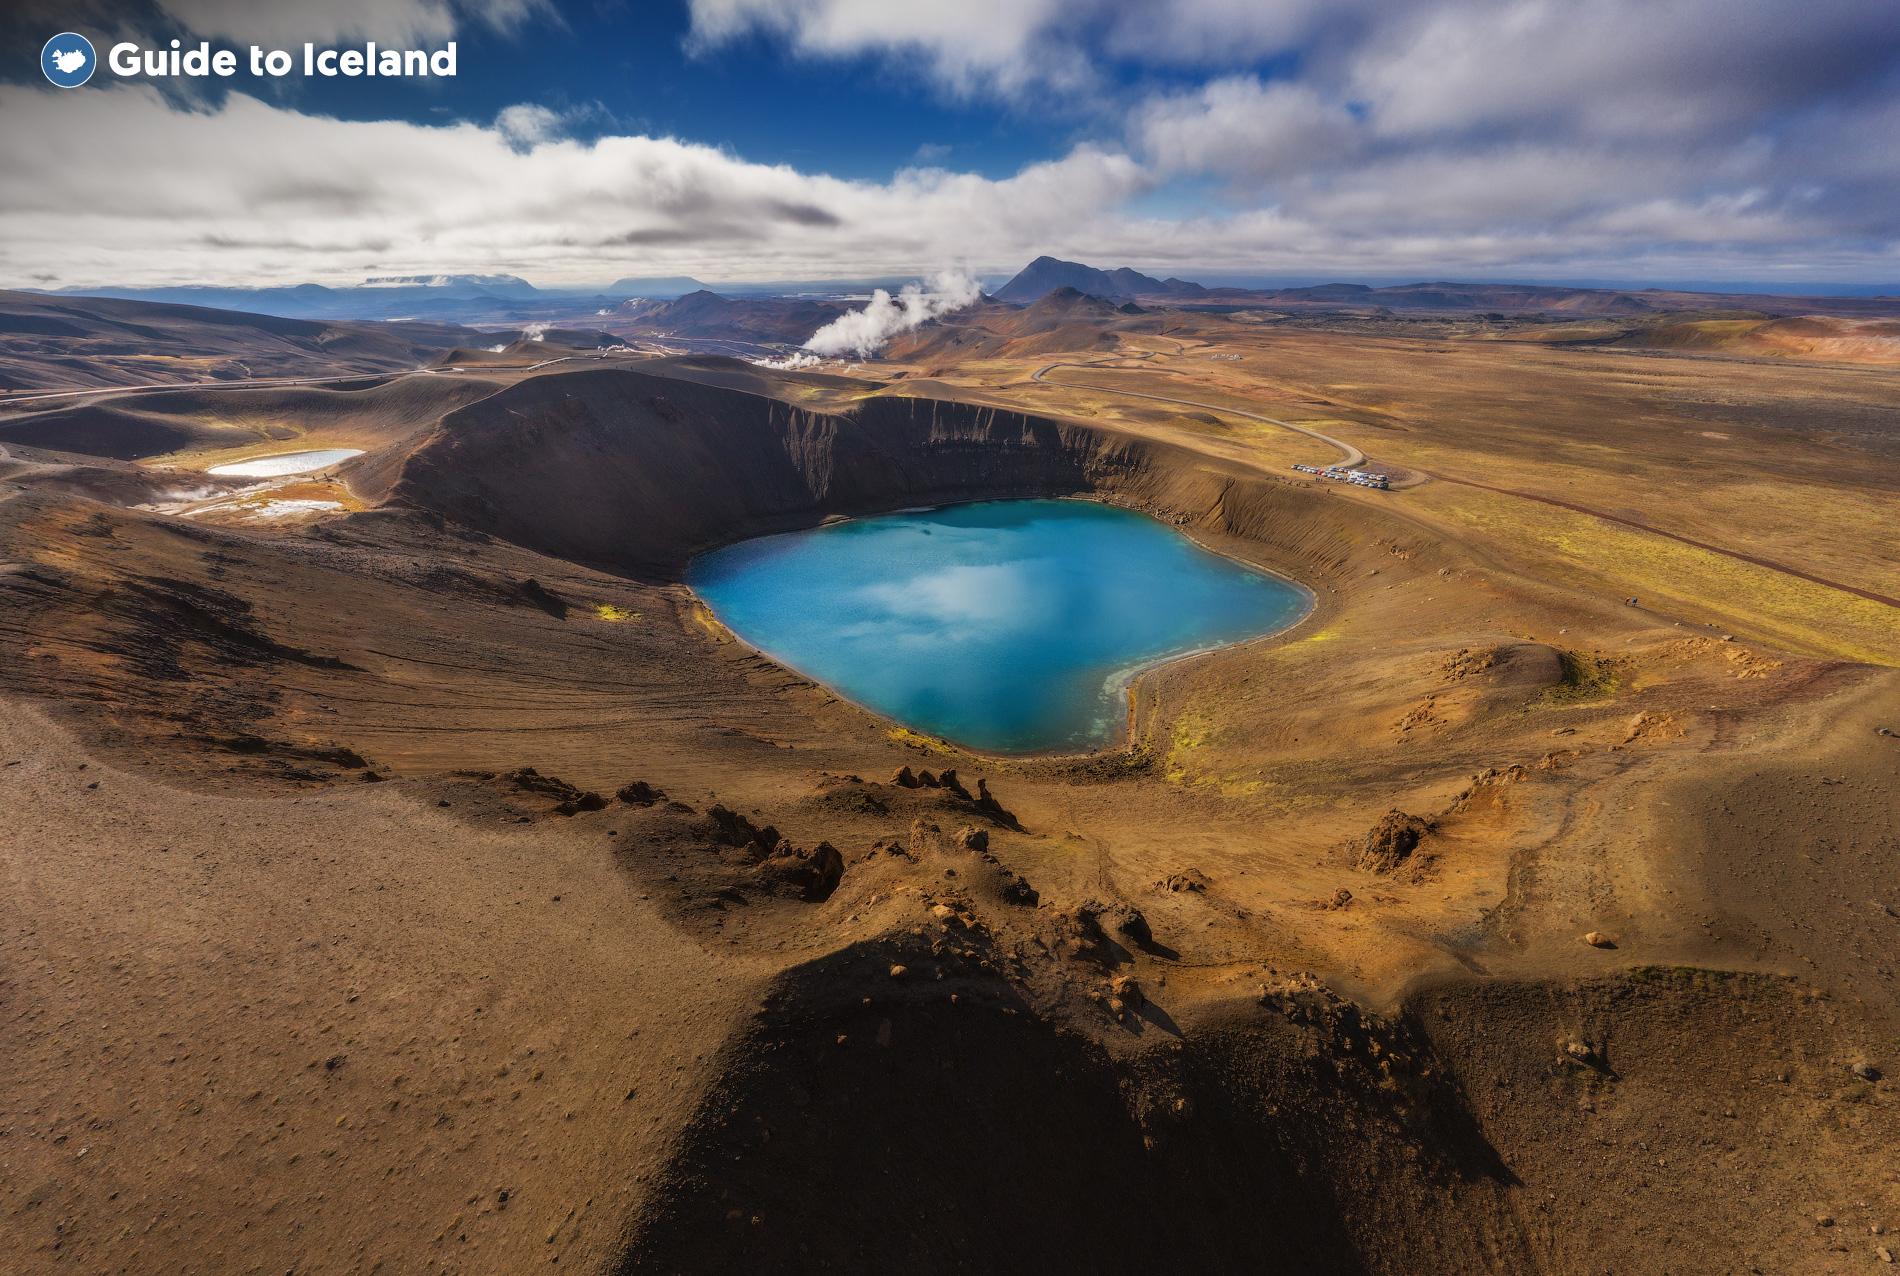 Le canyon d'Asbyrgi se trouve dans le Nord de l'Islande, une région géothermale.